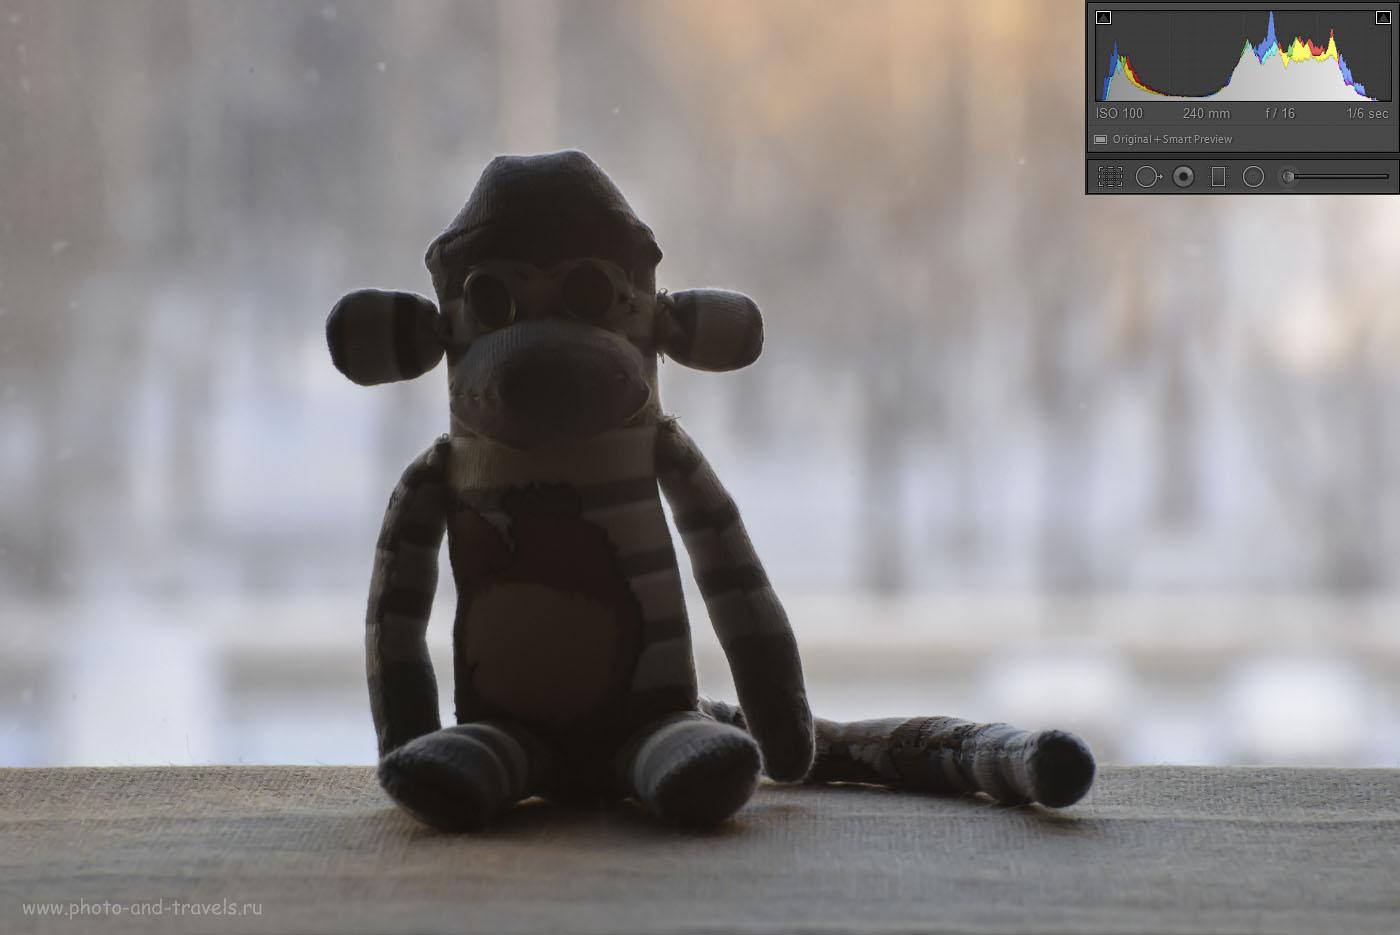 Фотография 25. Использование режима Активный Д-Лайтинг в позиции «Авто» на зеркалке Nikon D610. Фотоуроки для новичков. Параметры съемки: 1/6, 0EV, 16.0, 100, 240.